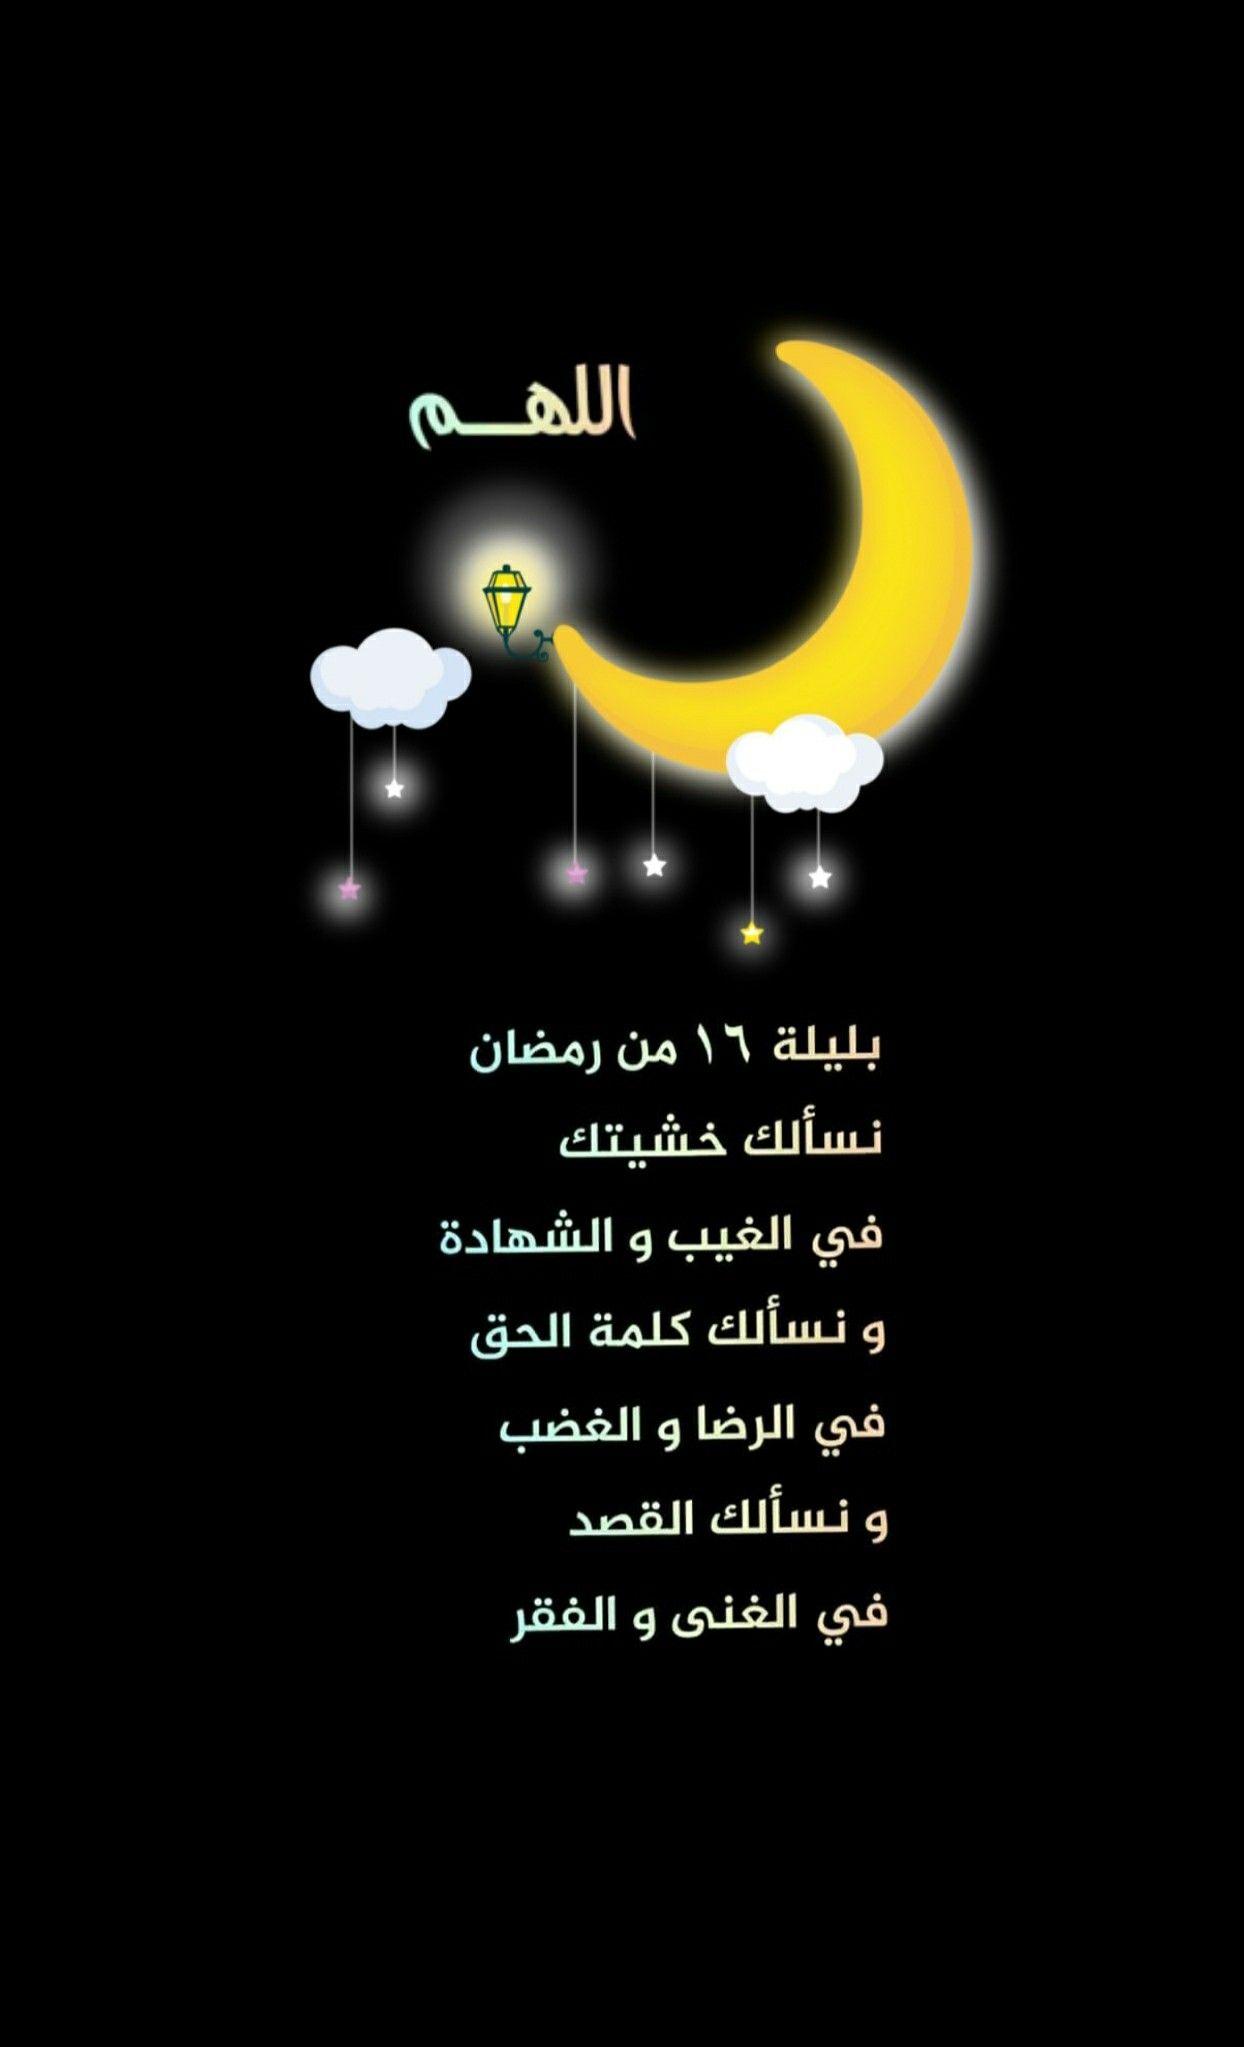 اللهــــم بليلة ١٦ من رمضان نسألك خشيتك في الغيب و الشهادة ونسألك كلمة الحق في الرضا والغضب ونسألك القصد في الغ Ramadan Day Ramadan Greetings Ramadan Cards